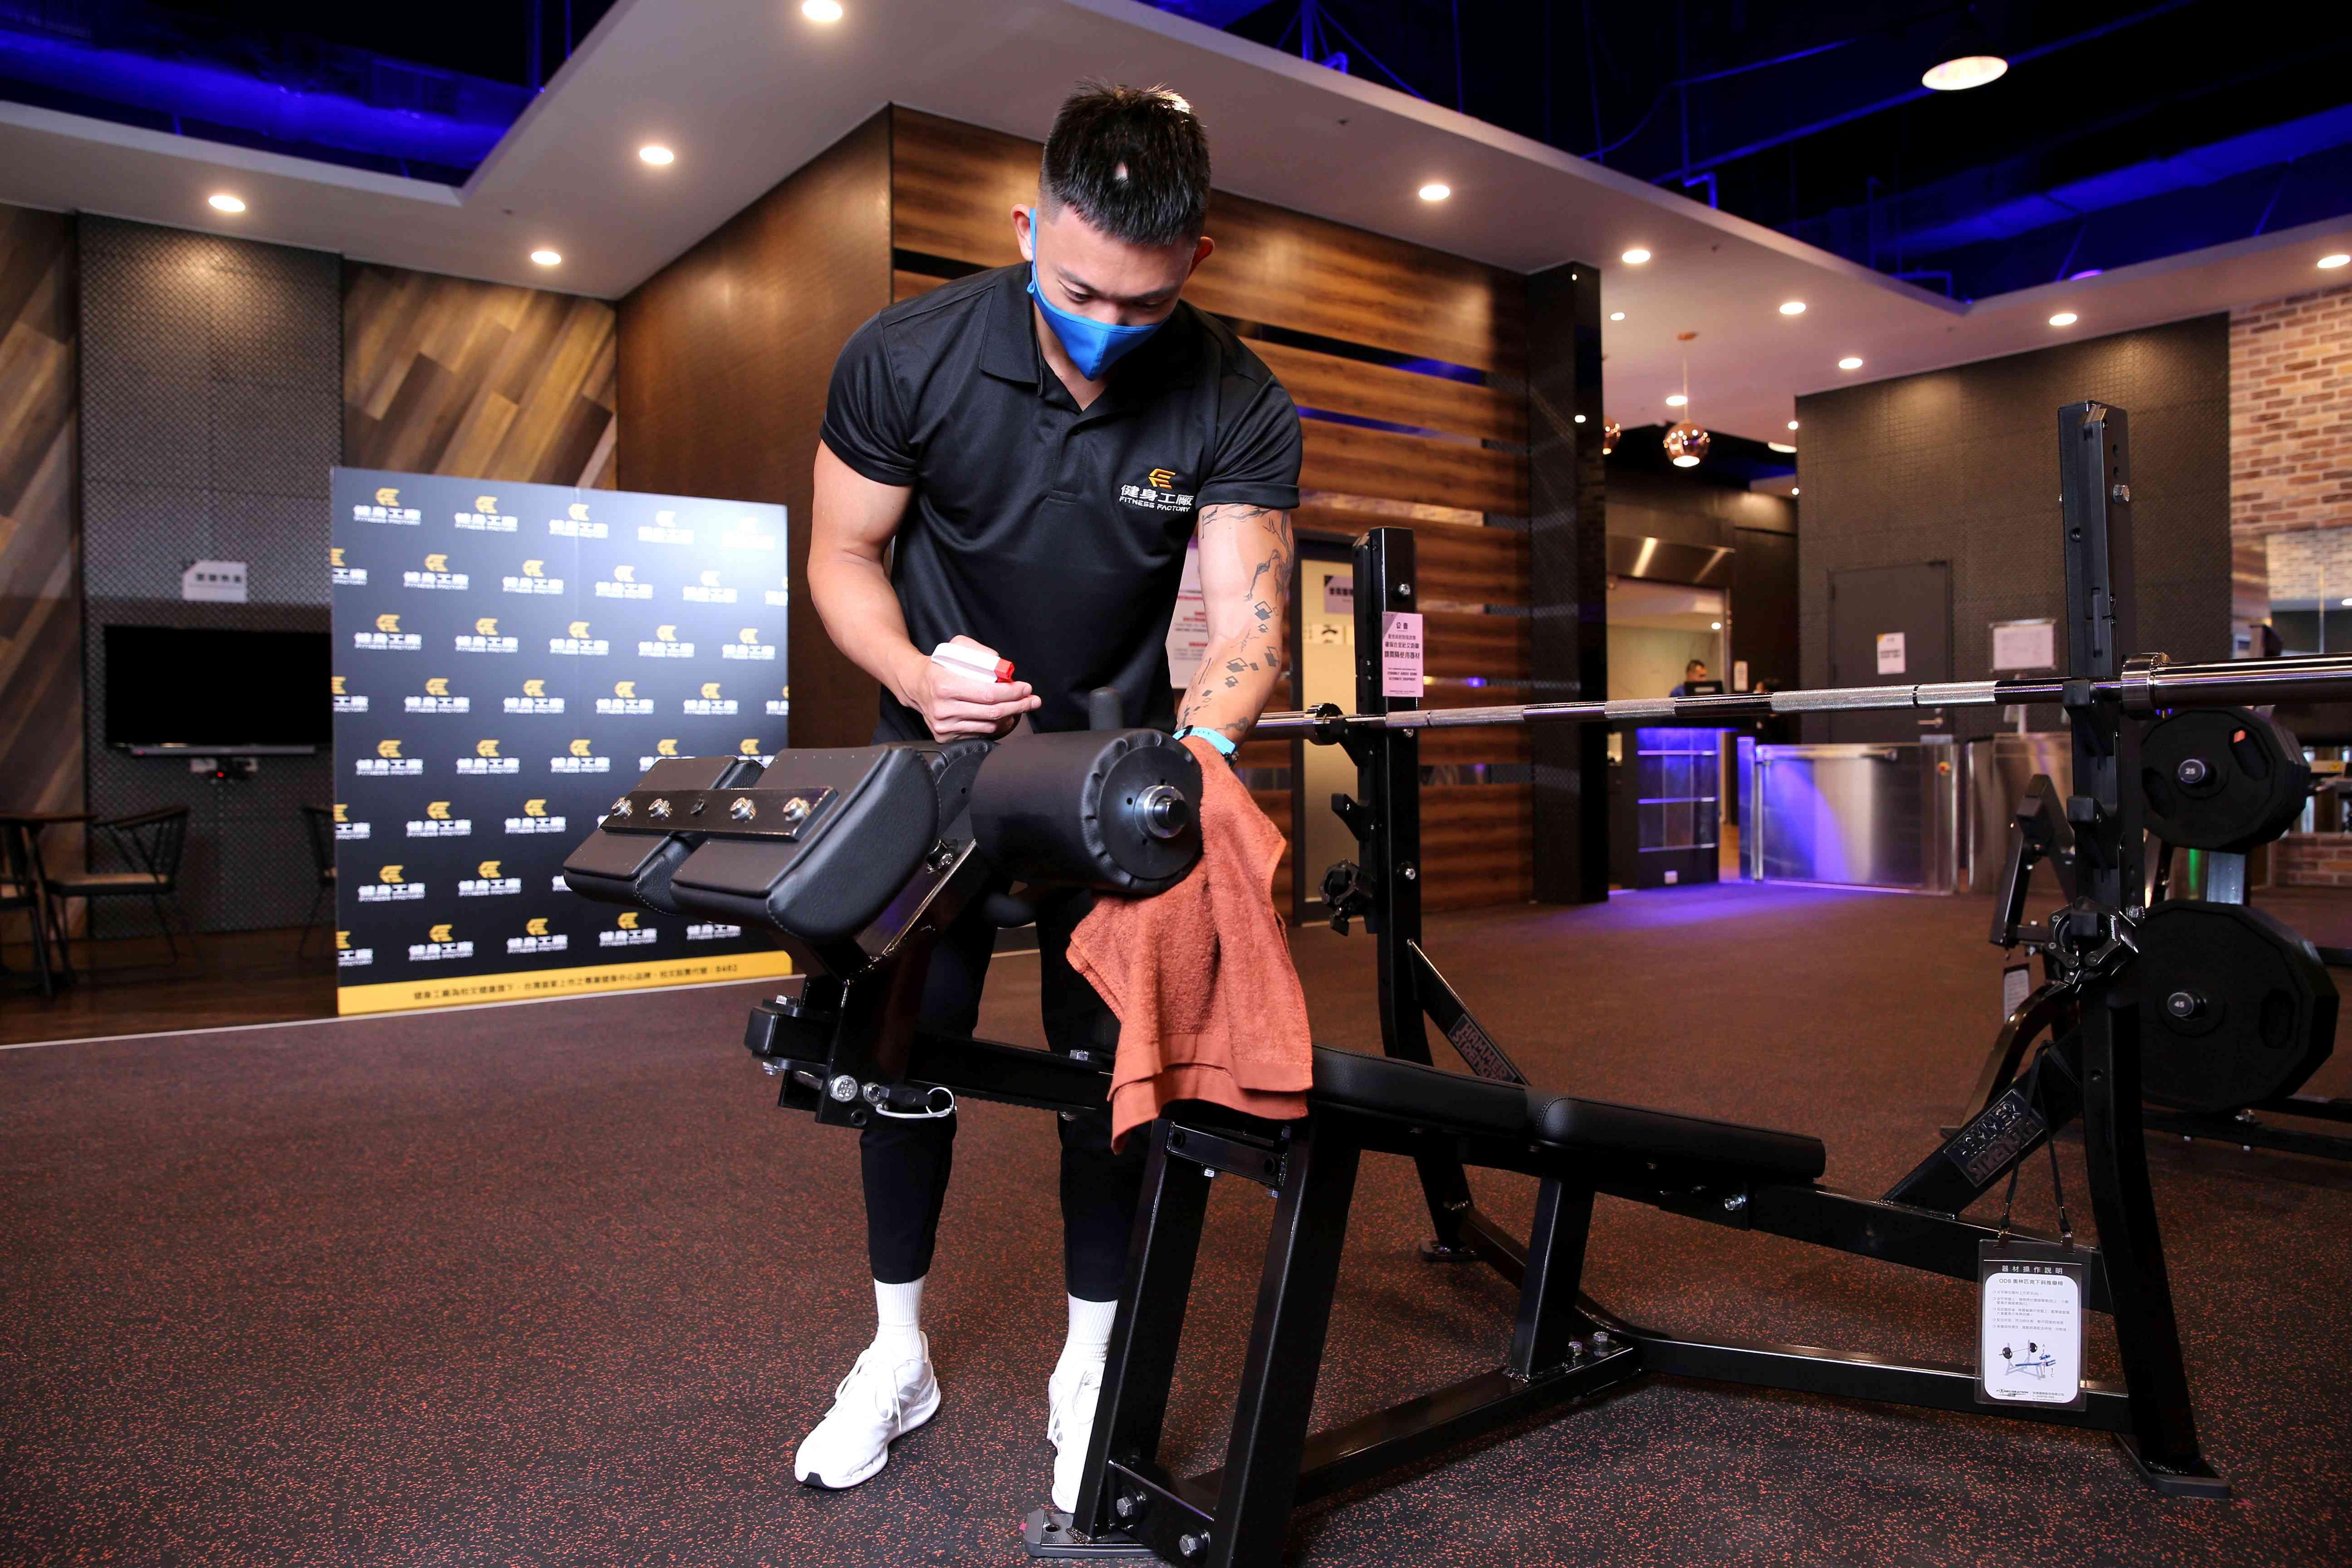 健身工廠做好高規格防疫迎接回歸運動的民眾